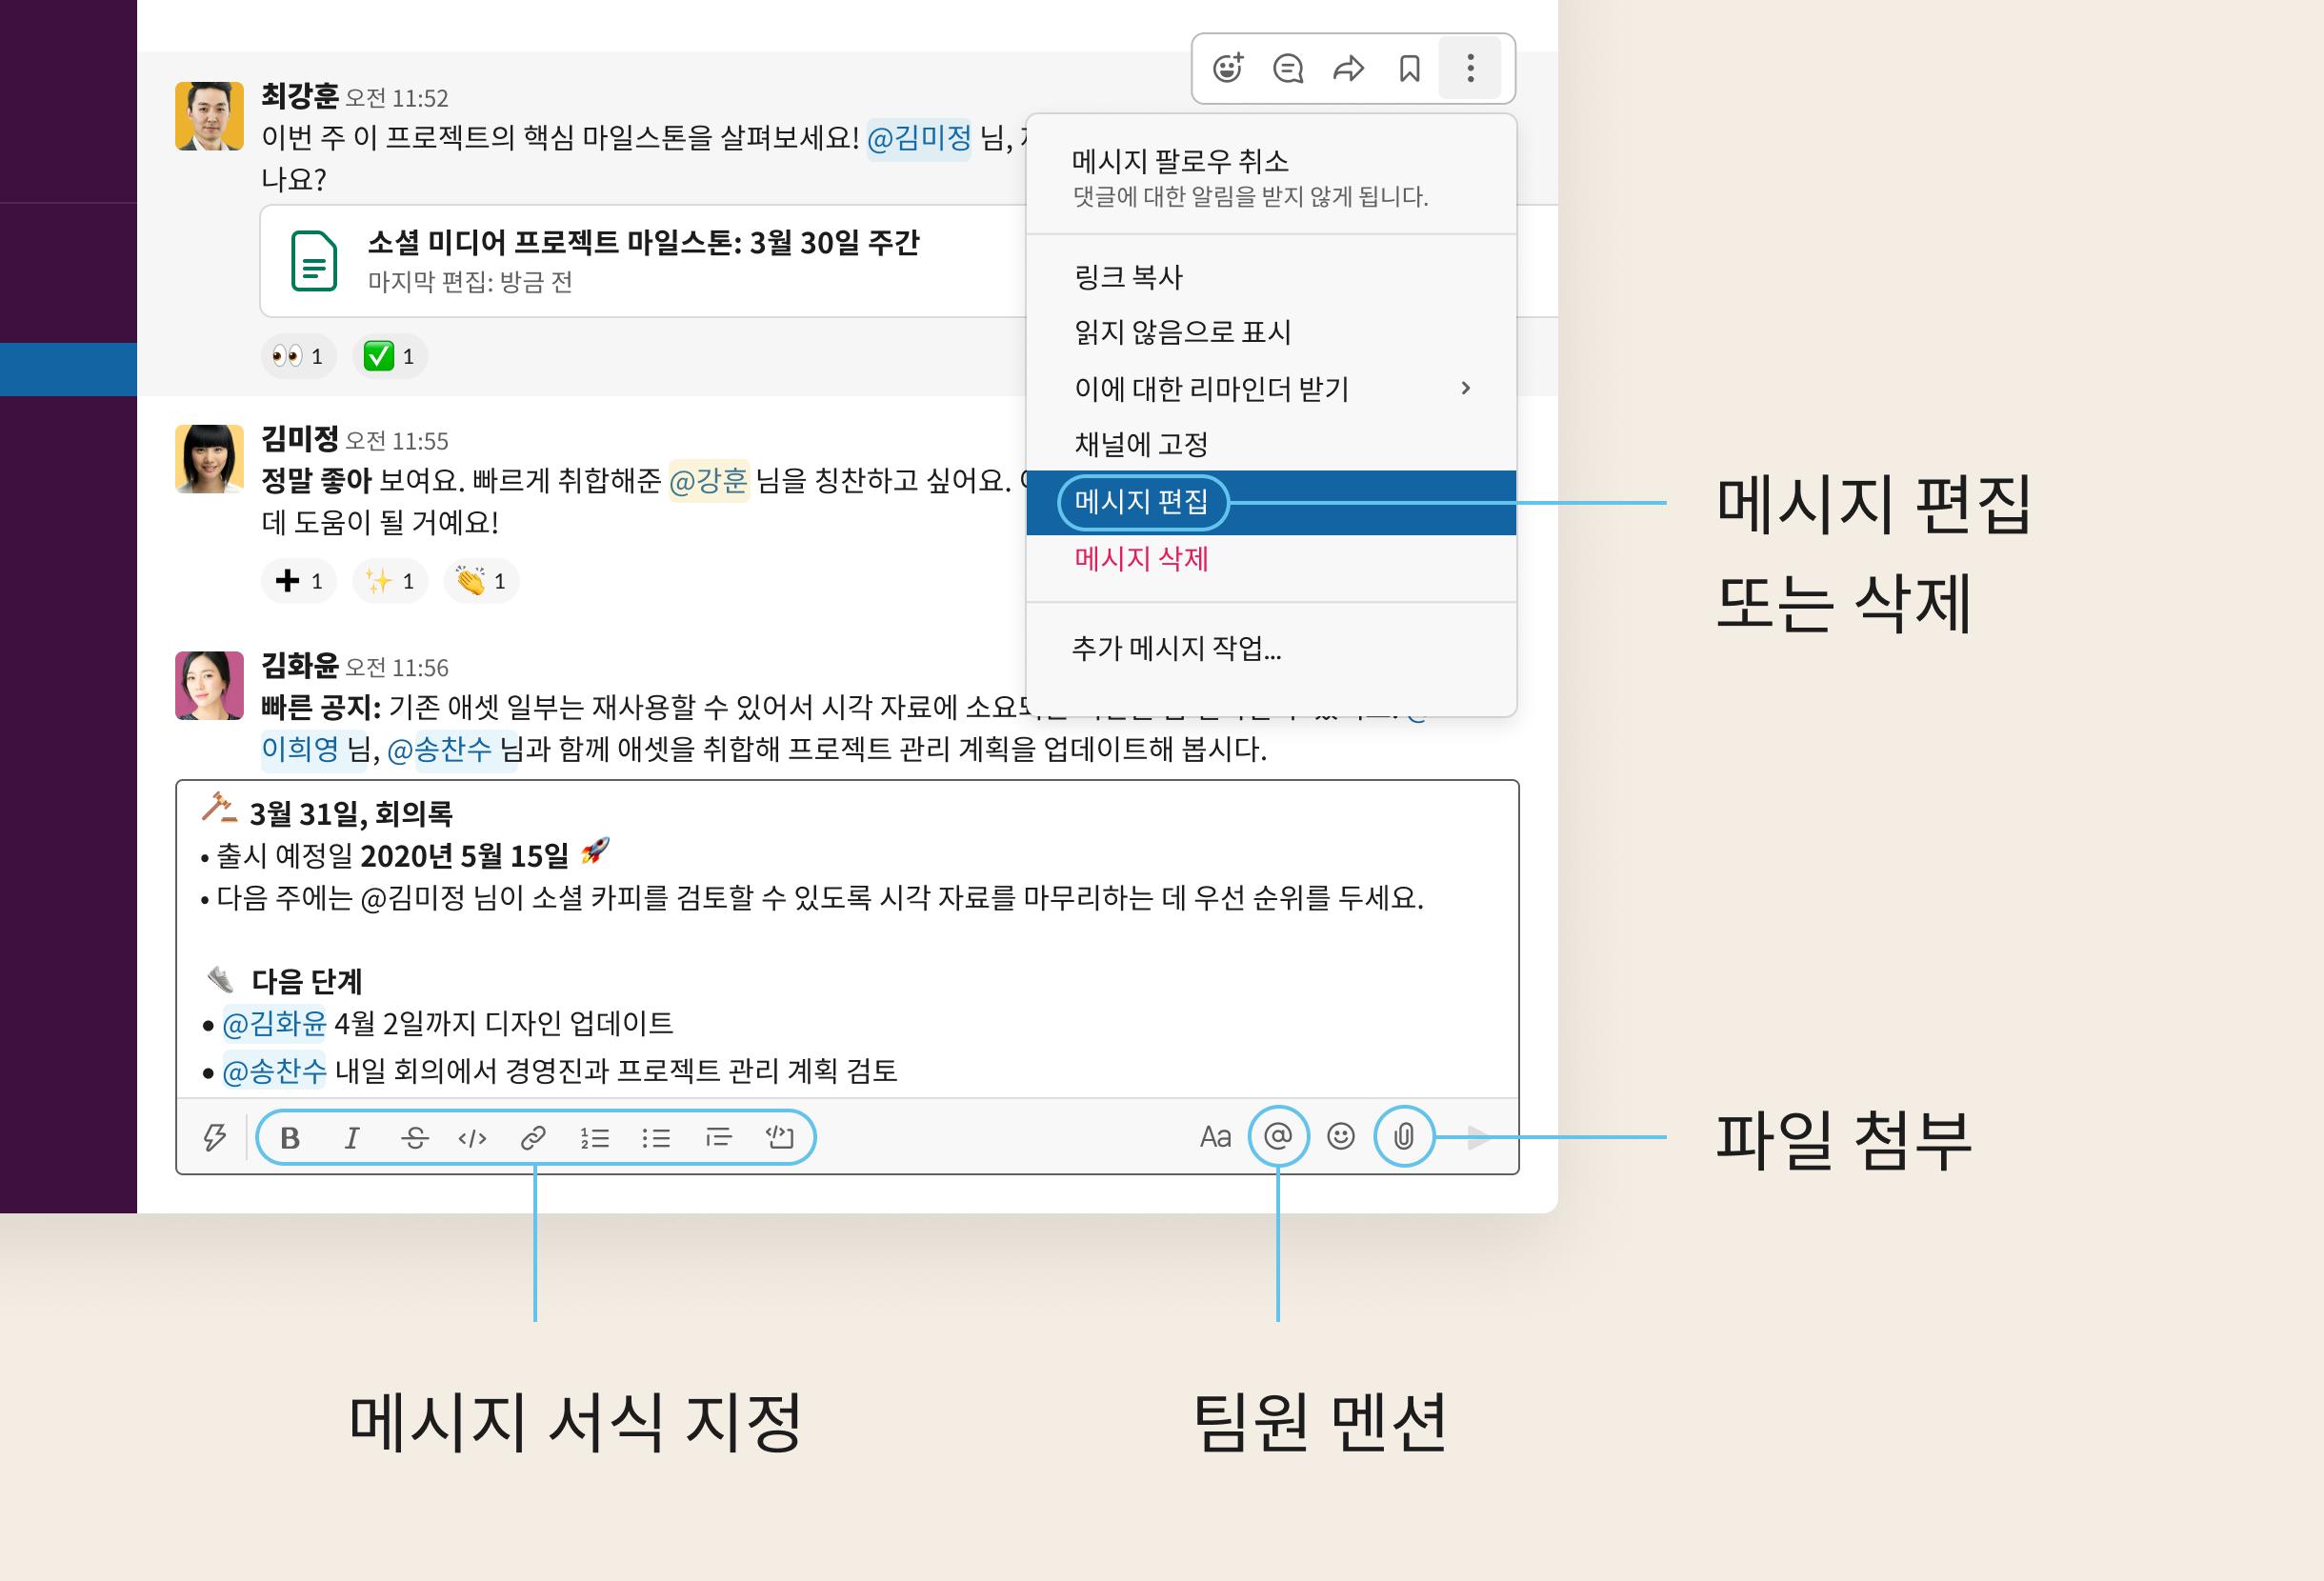 Slack 메시지 필드에 작성한 메시지